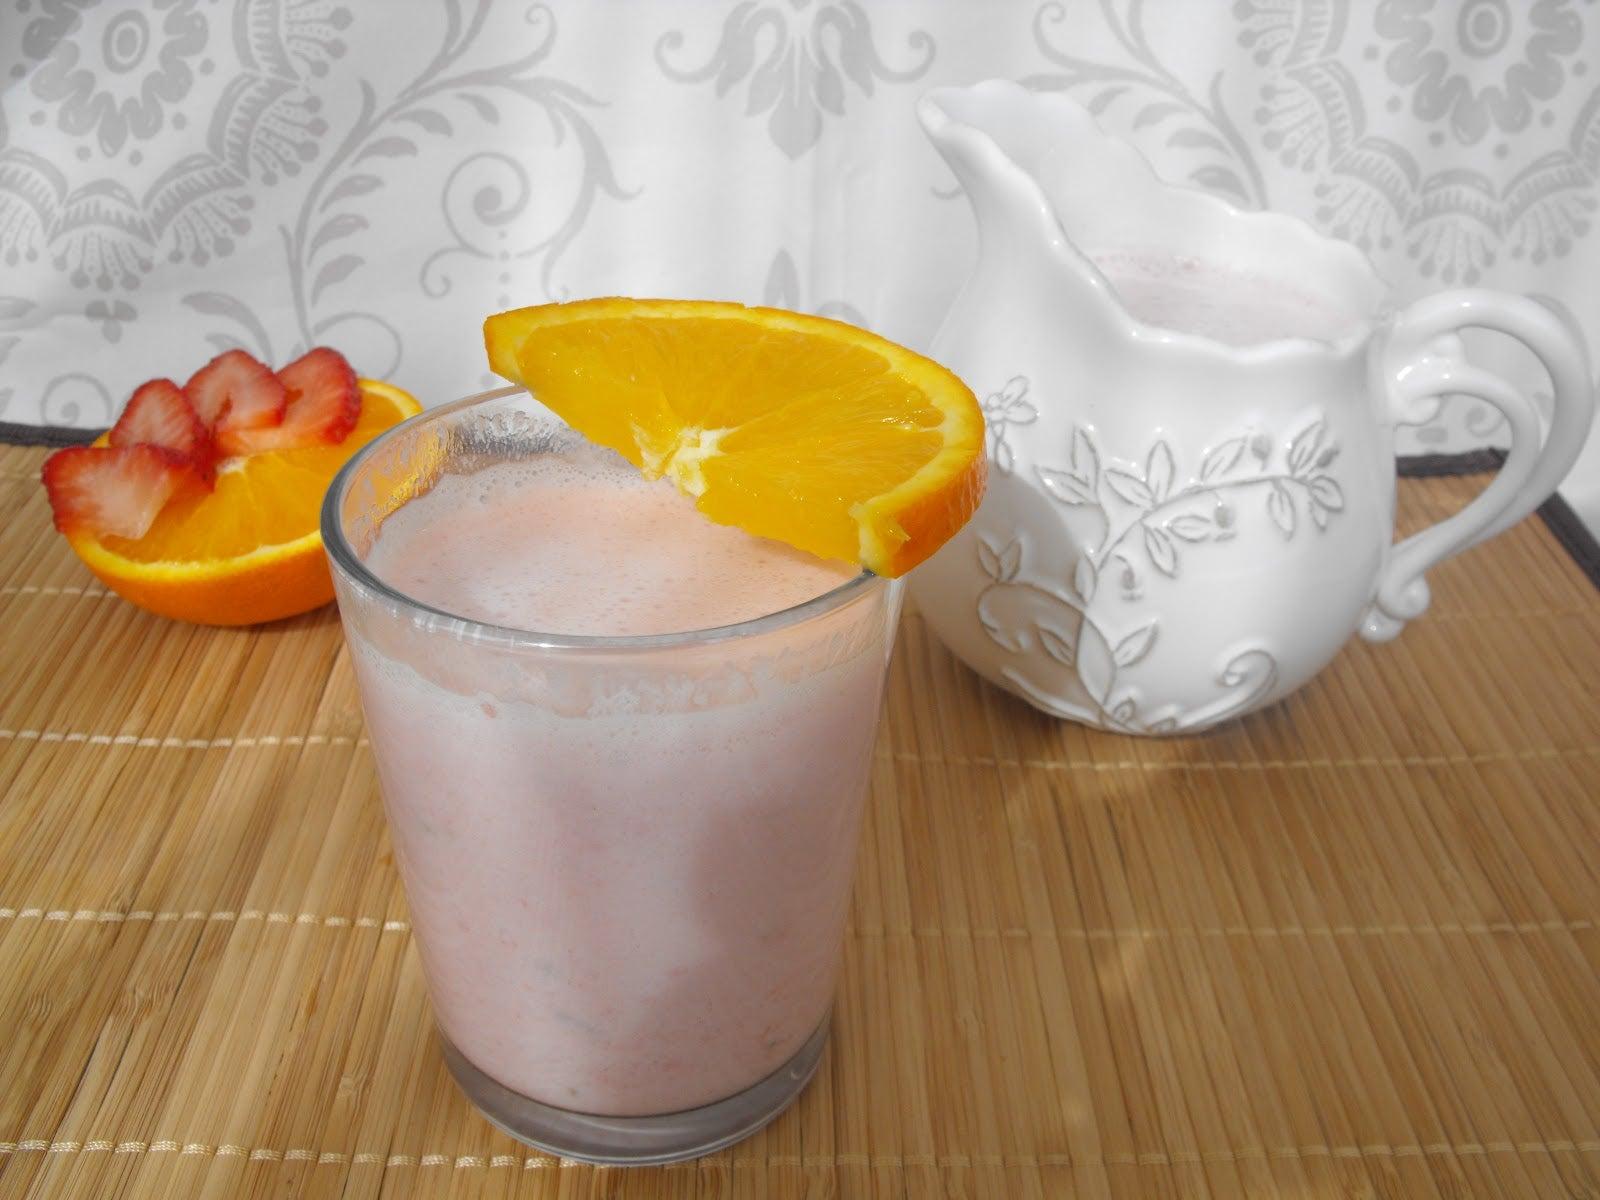 Adelgazar con aloe vera, fresa y naranja